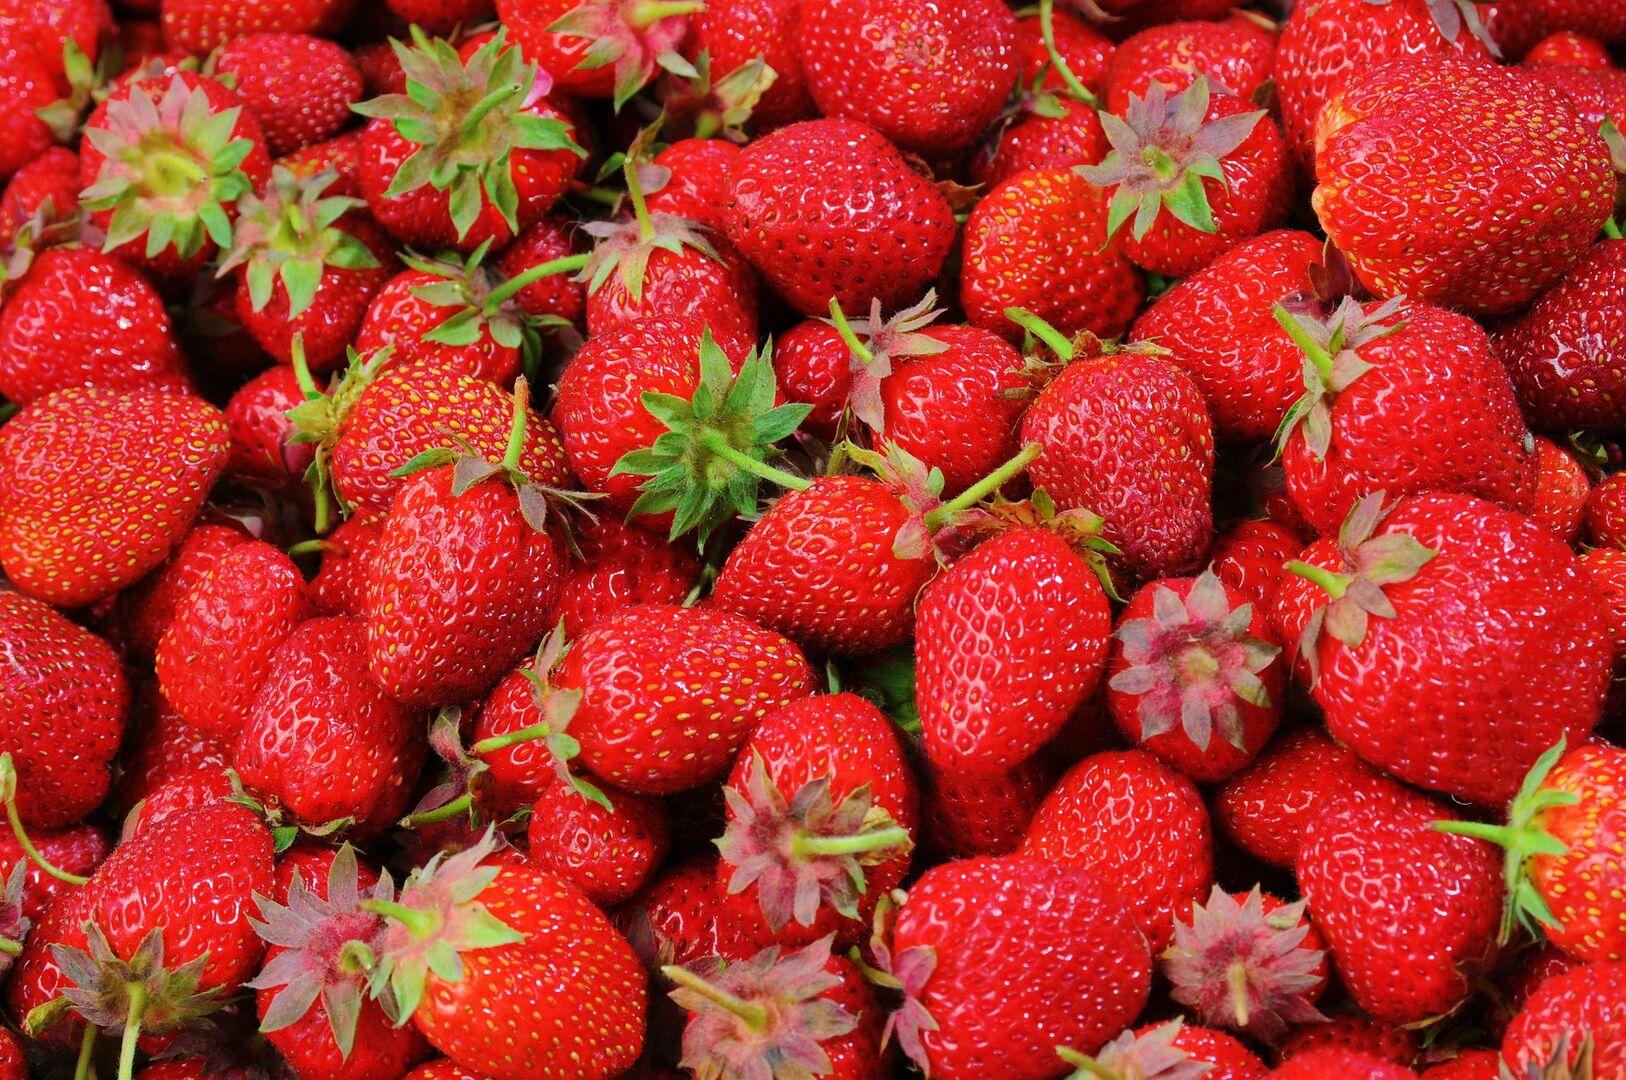 Trabajo de recogida de fruta en murcia